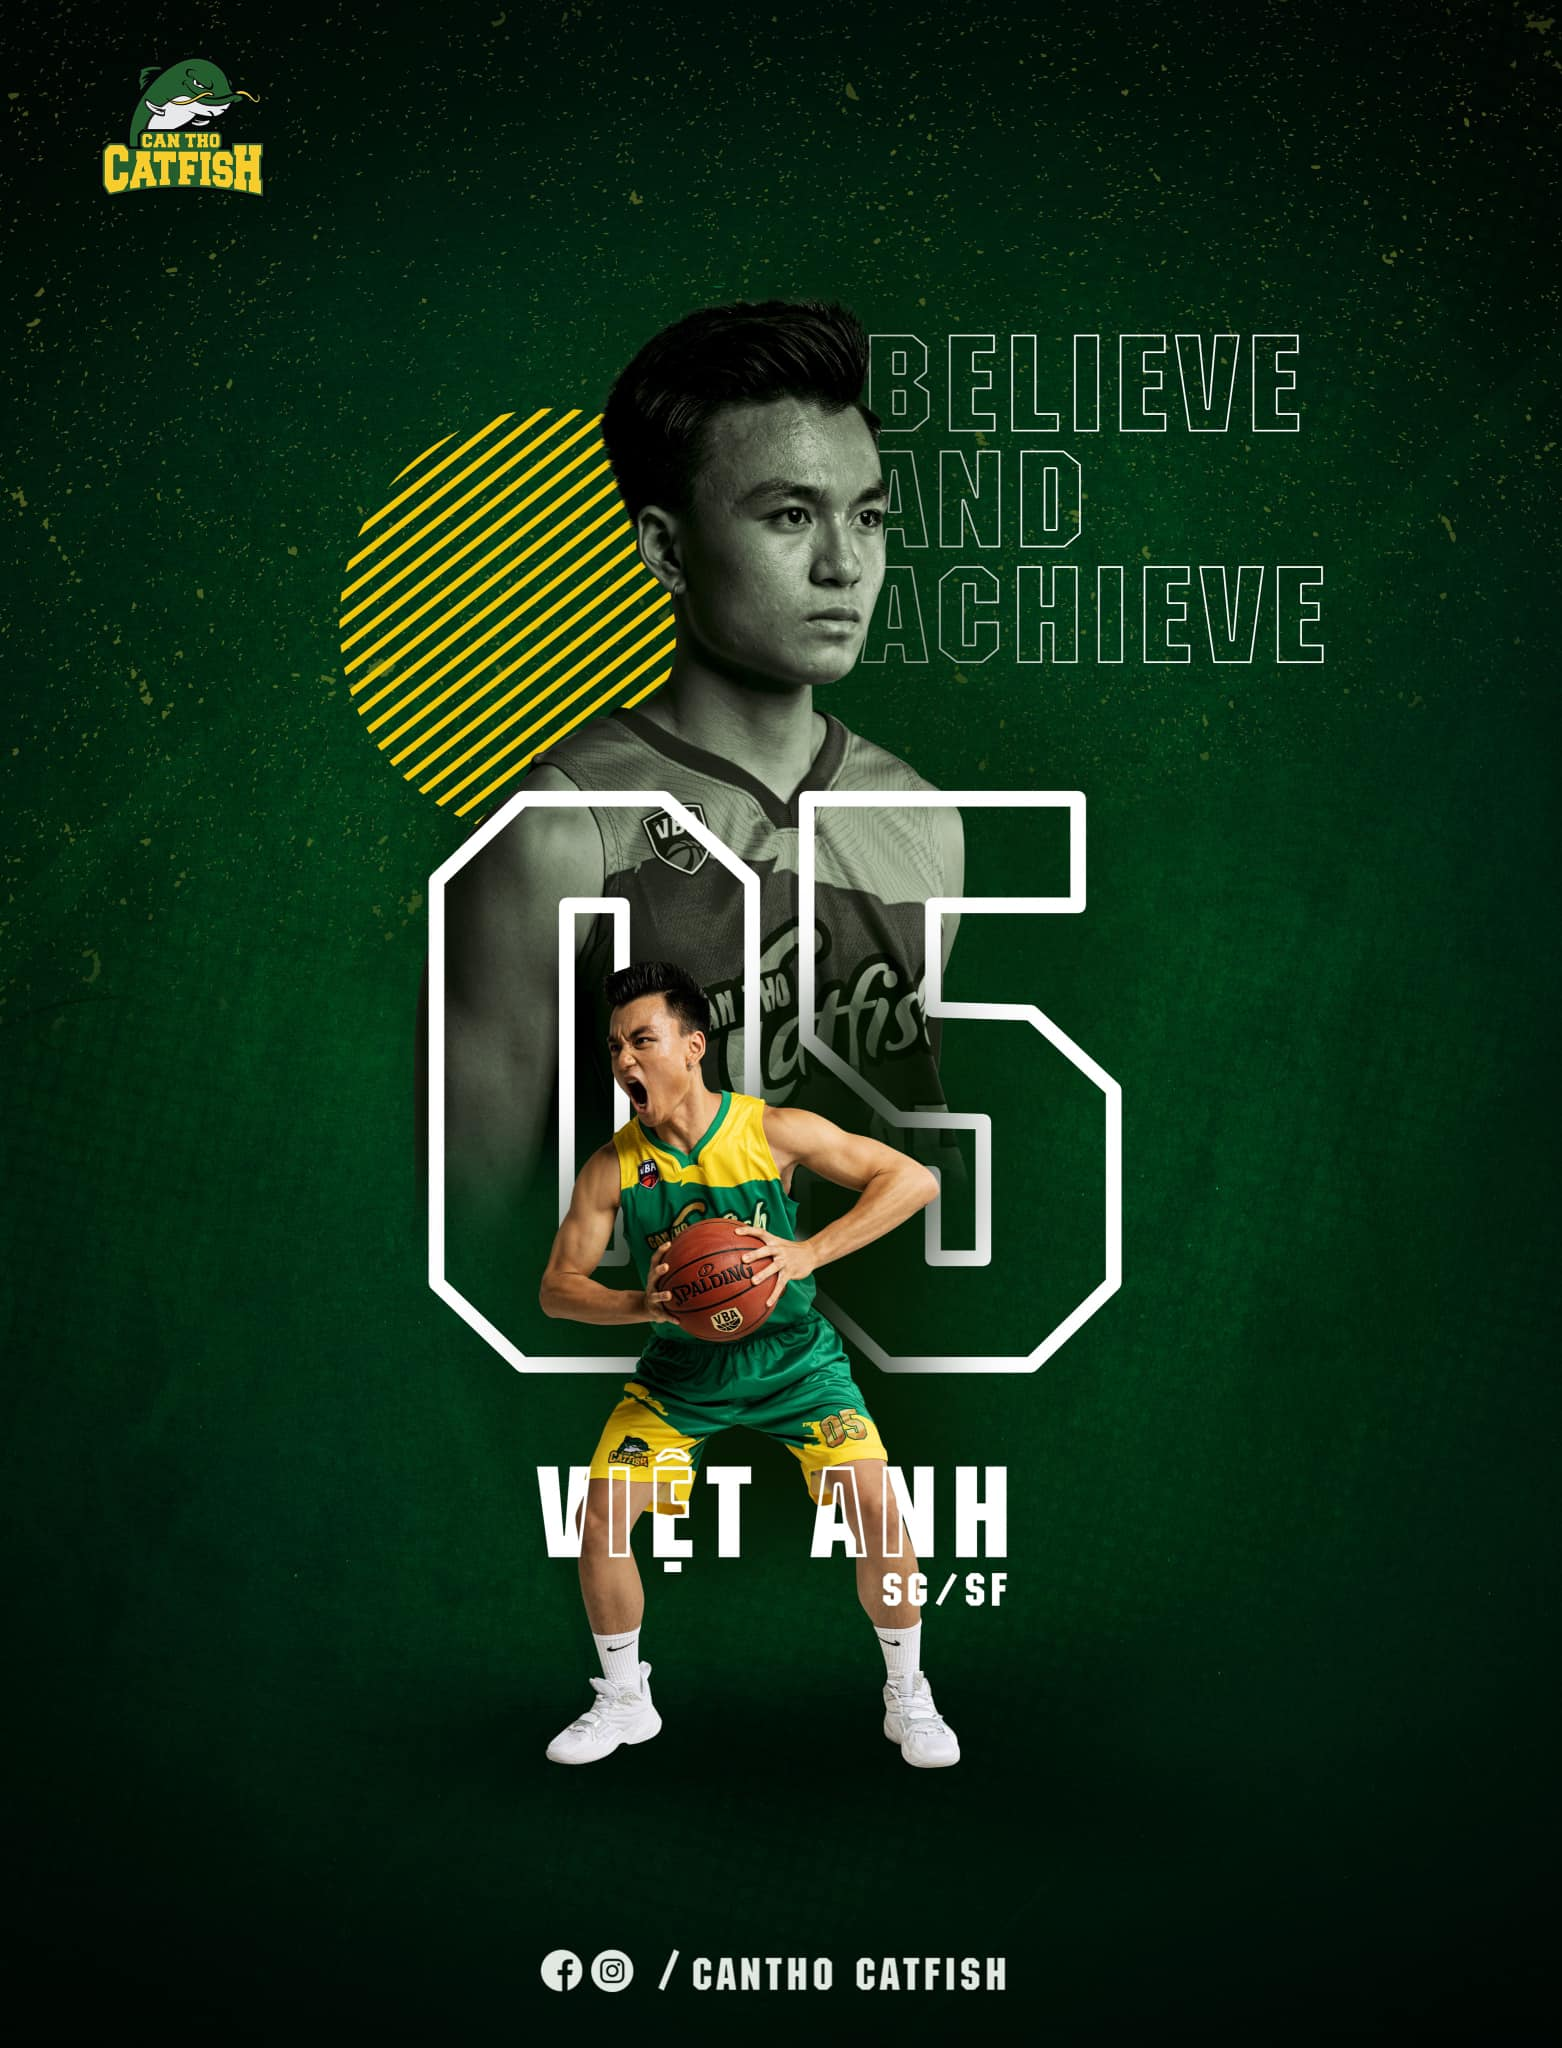 Dàn cầu thủ Cantho Catfish vừa 'nhá hàng' trên poster giới thiệu chính thức 11